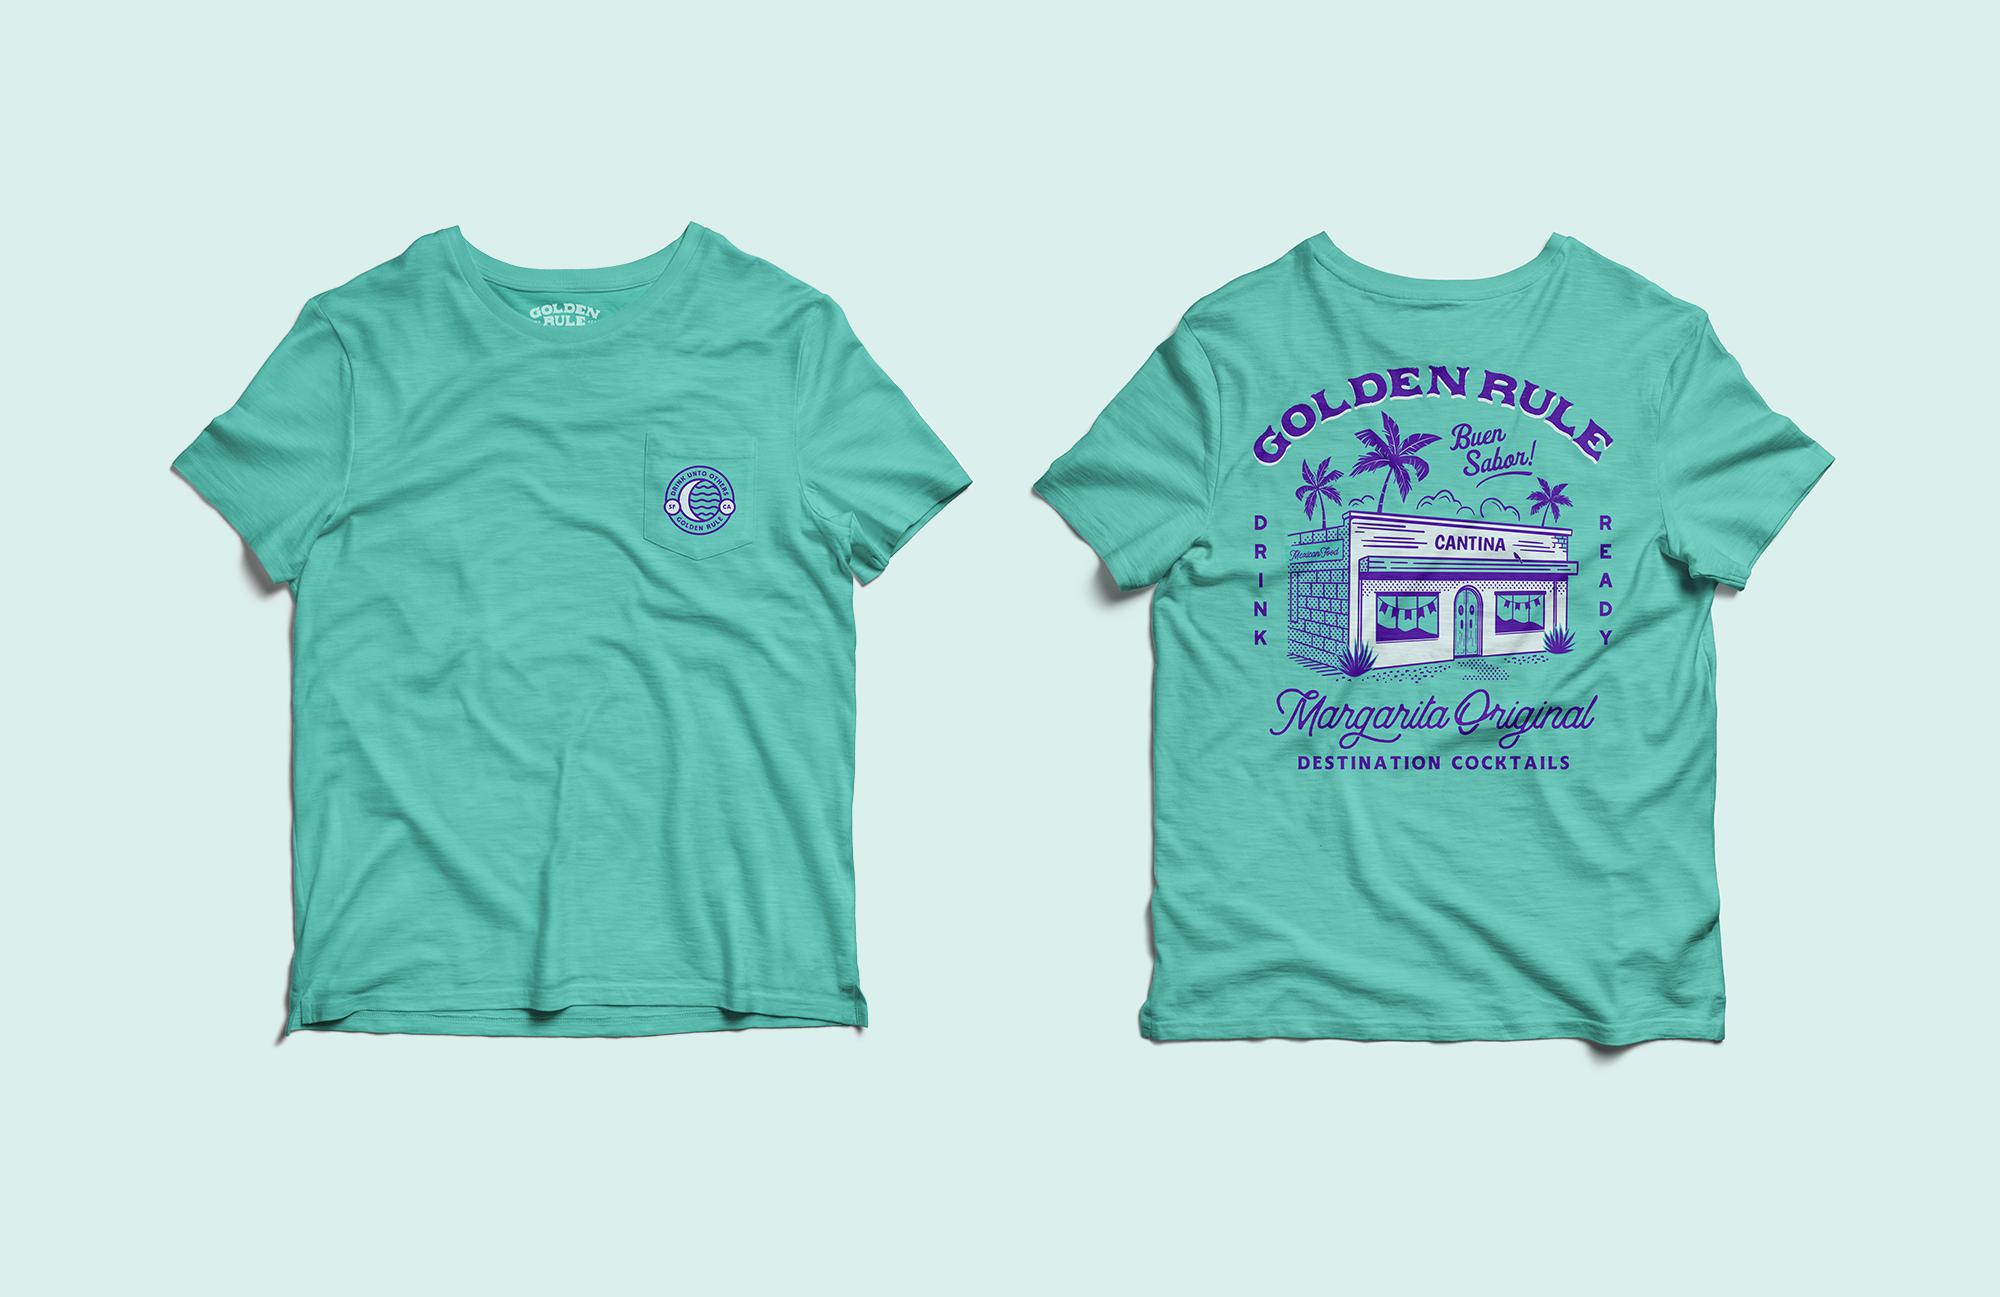 GoldenRule_Shirt_Marg_Shirt.png